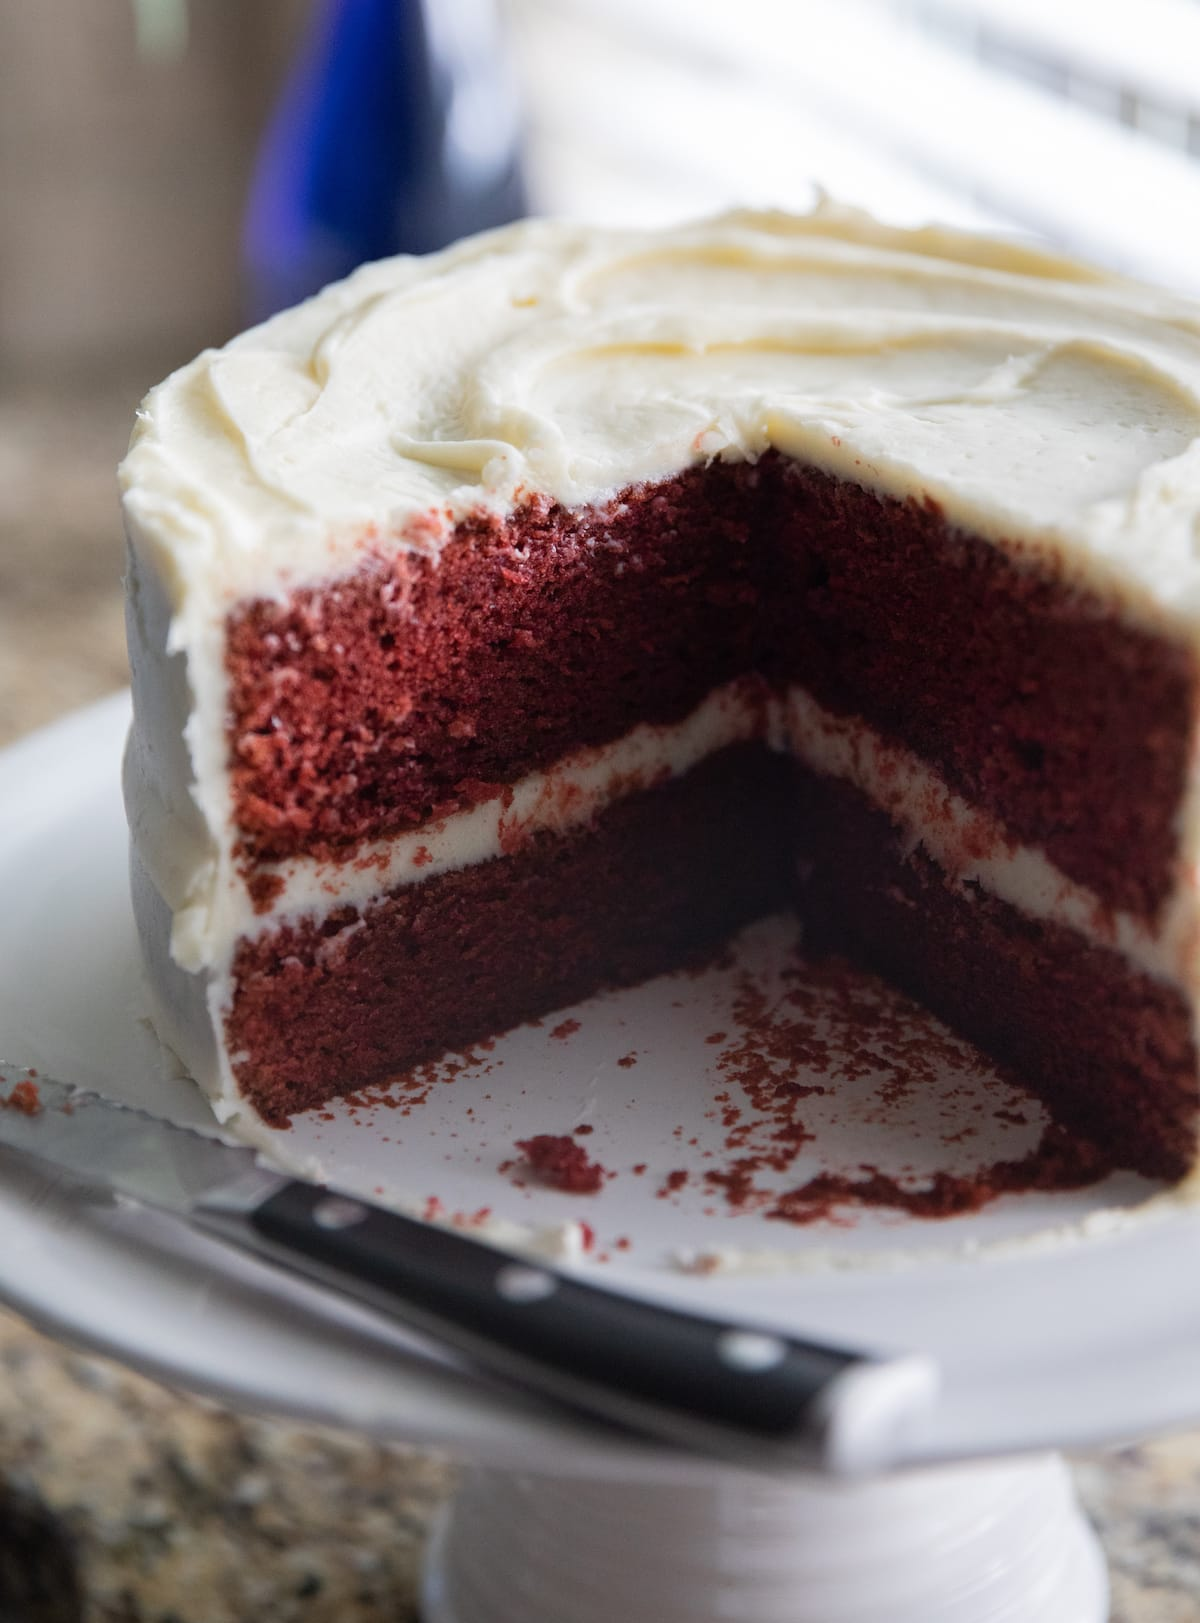 red velvet cake with slices missing